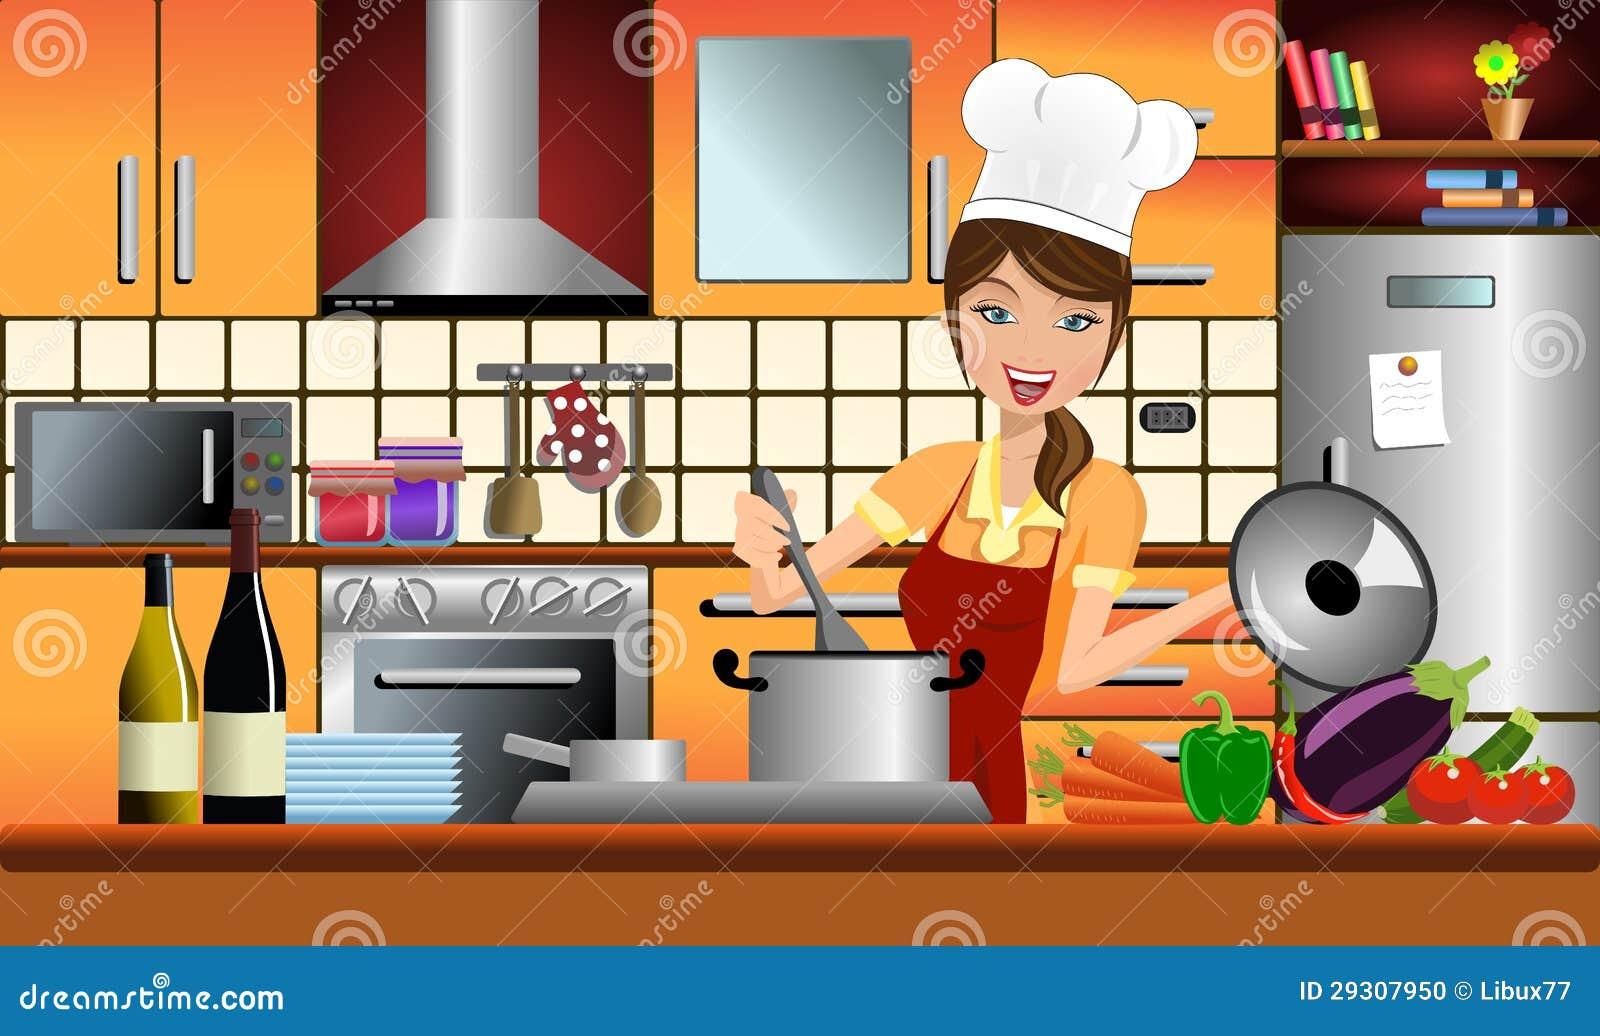 Lambris Salle De Bain Castorama :  au travail dans une cuisine moderne Le fichier dENV est procurable